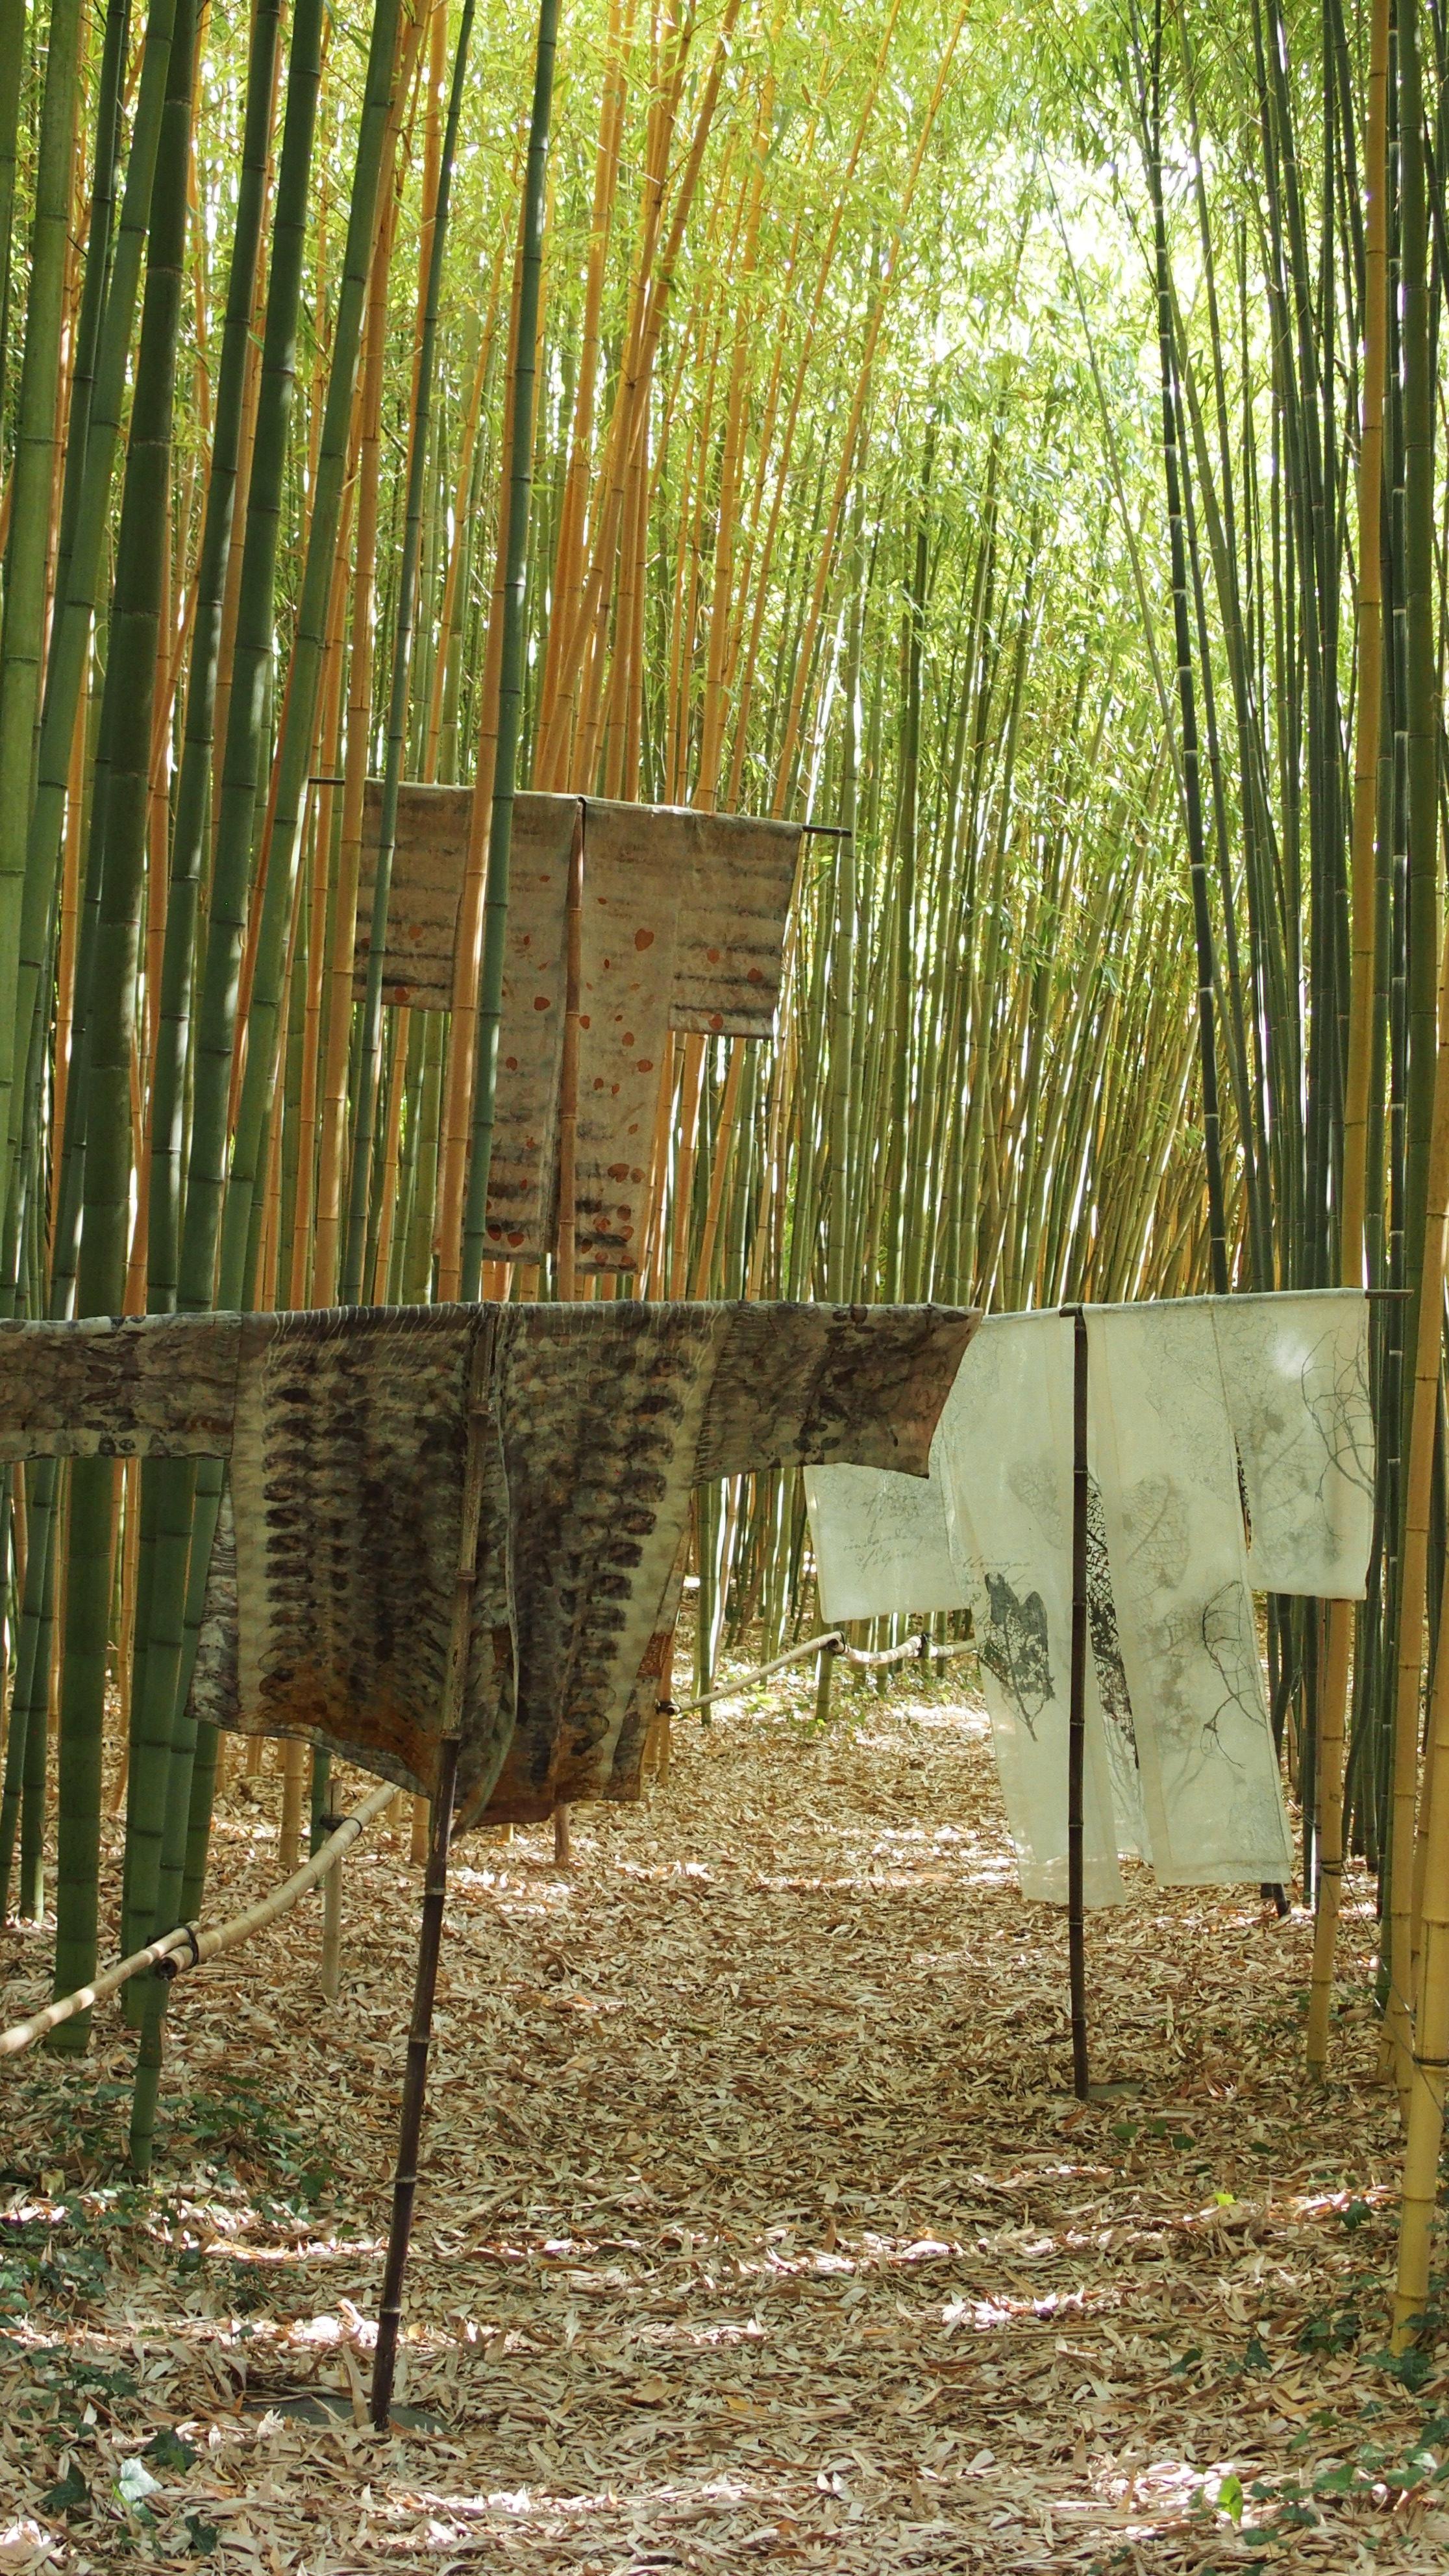 """exposition Shinrin-Yoku de mapie des vignes et helena sellergren.kimonos """"Sous Bois"""", """"Poésie d'Automne"""", """"Coeur d'Automne"""""""